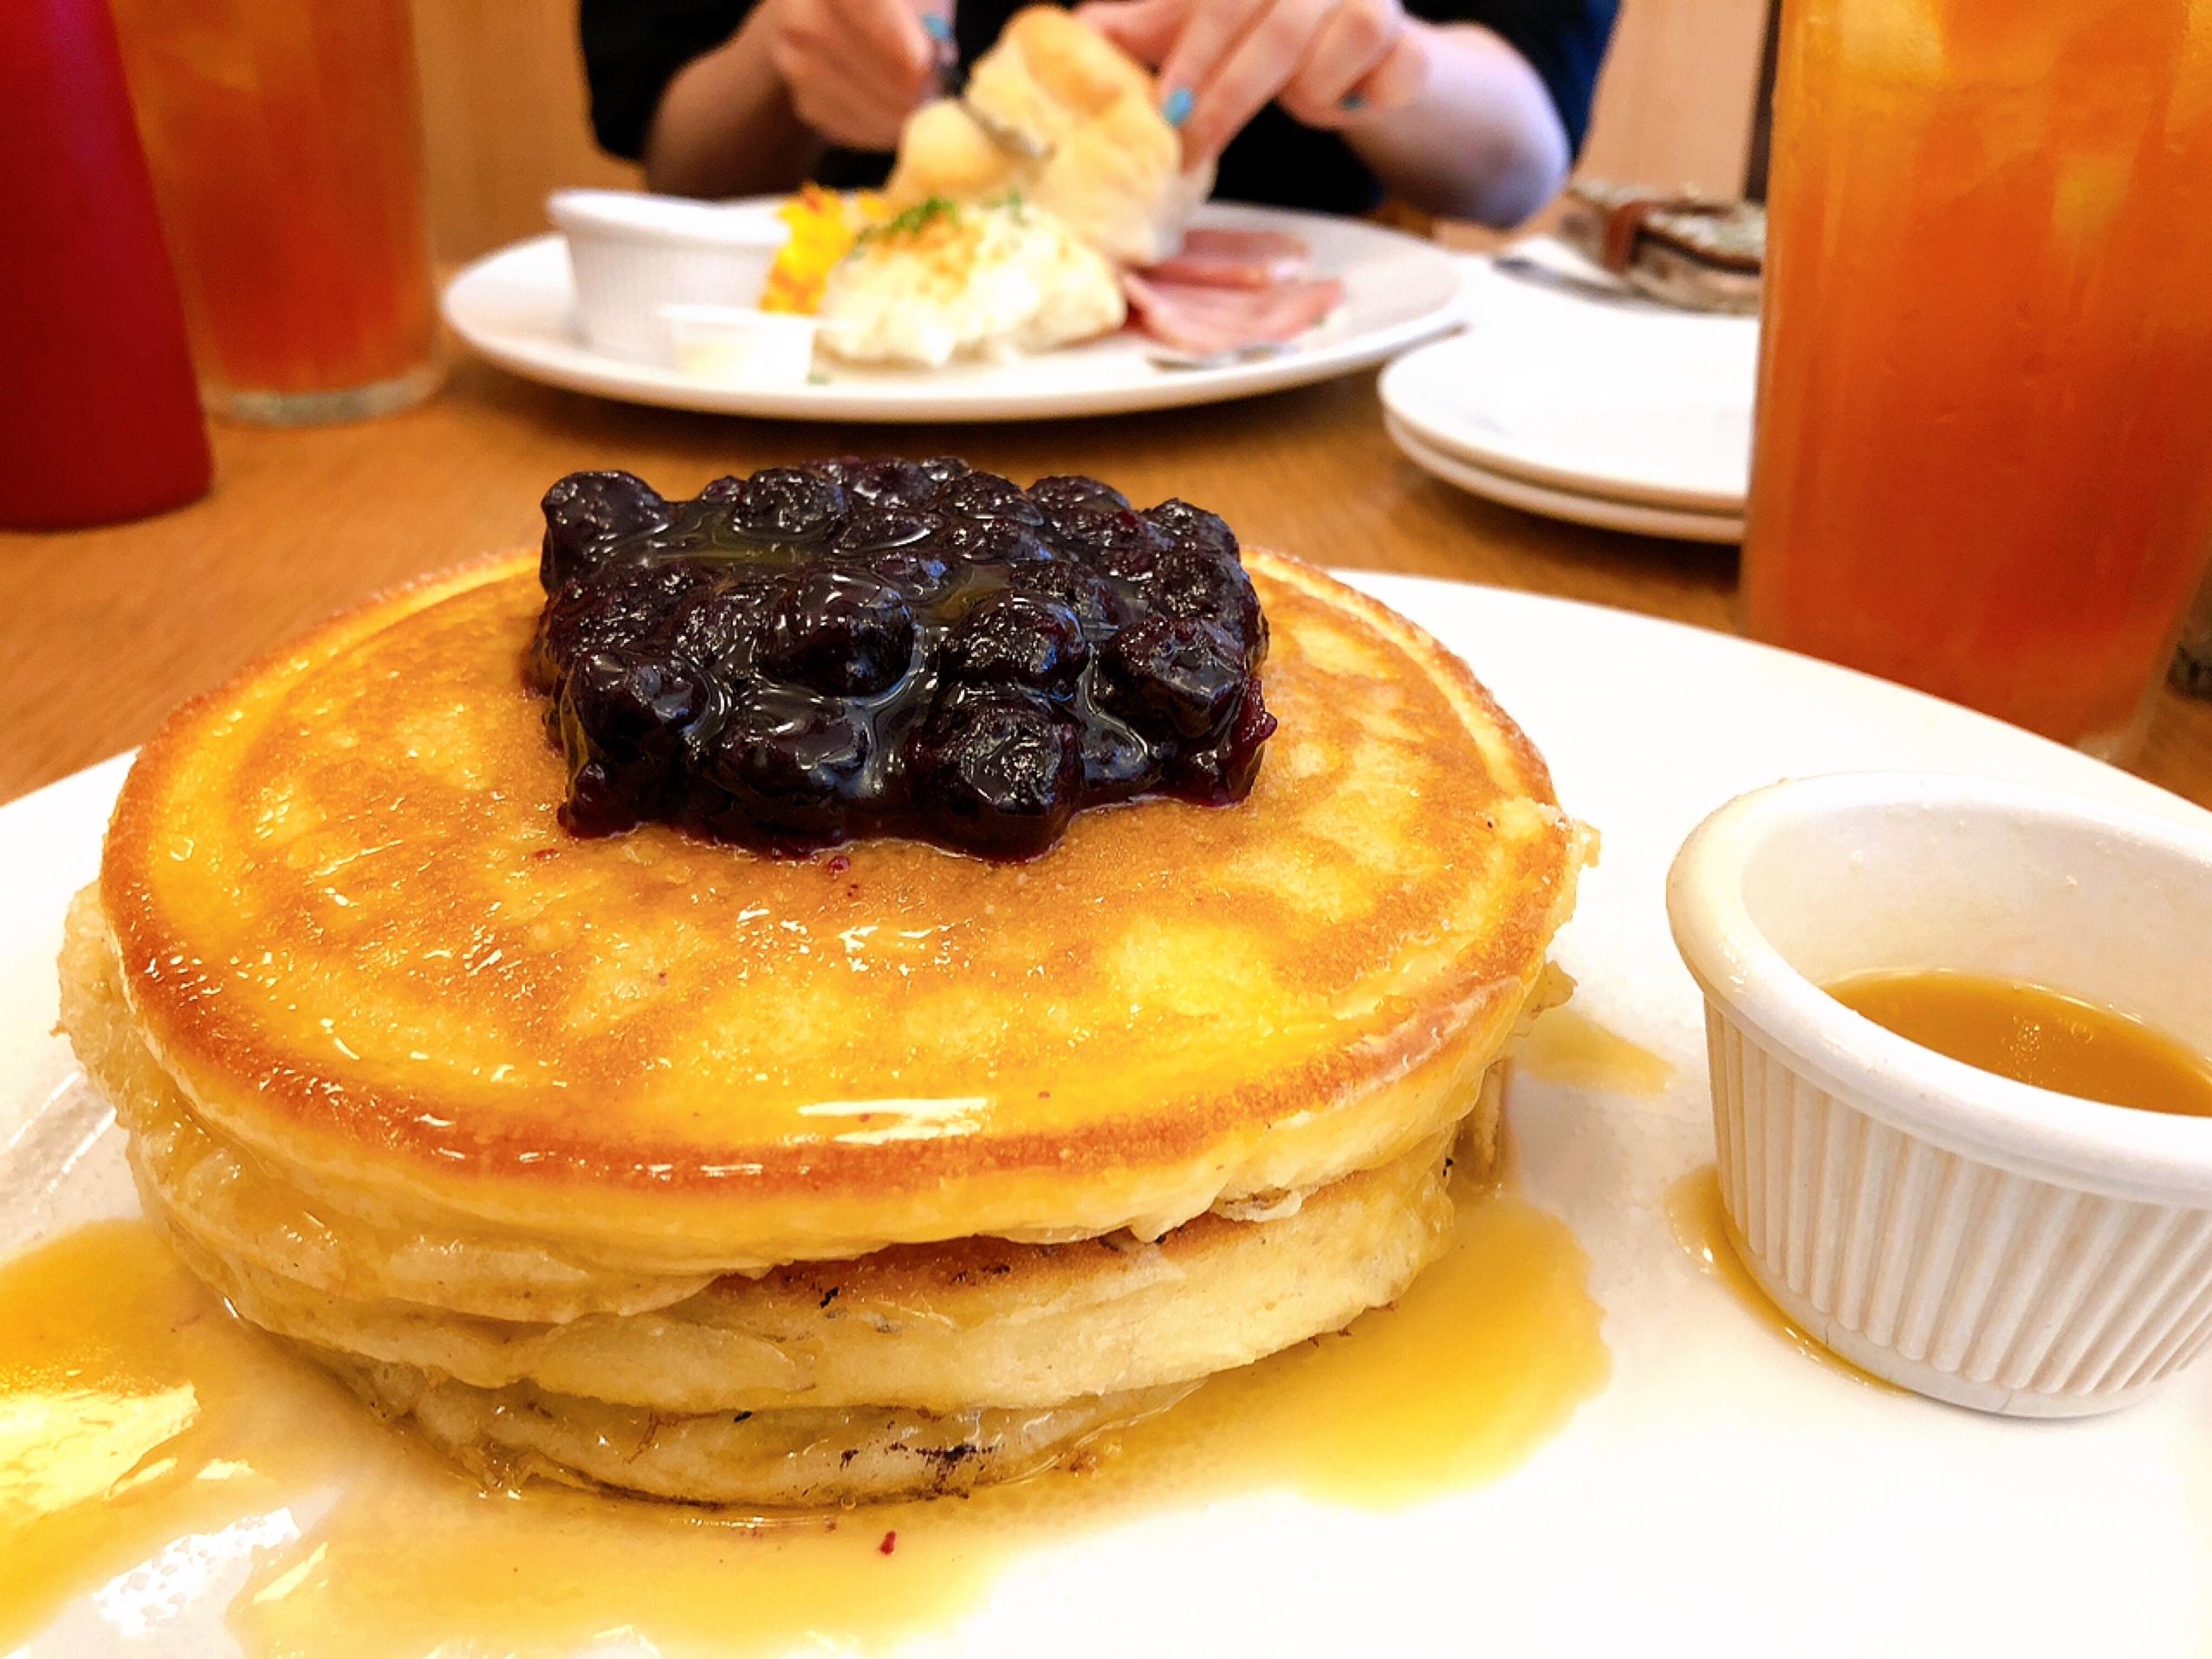 【表参道】NYで大人気のパンケーキを東京 南青山で♩CLINTON ST. BAKING COMPANY_3